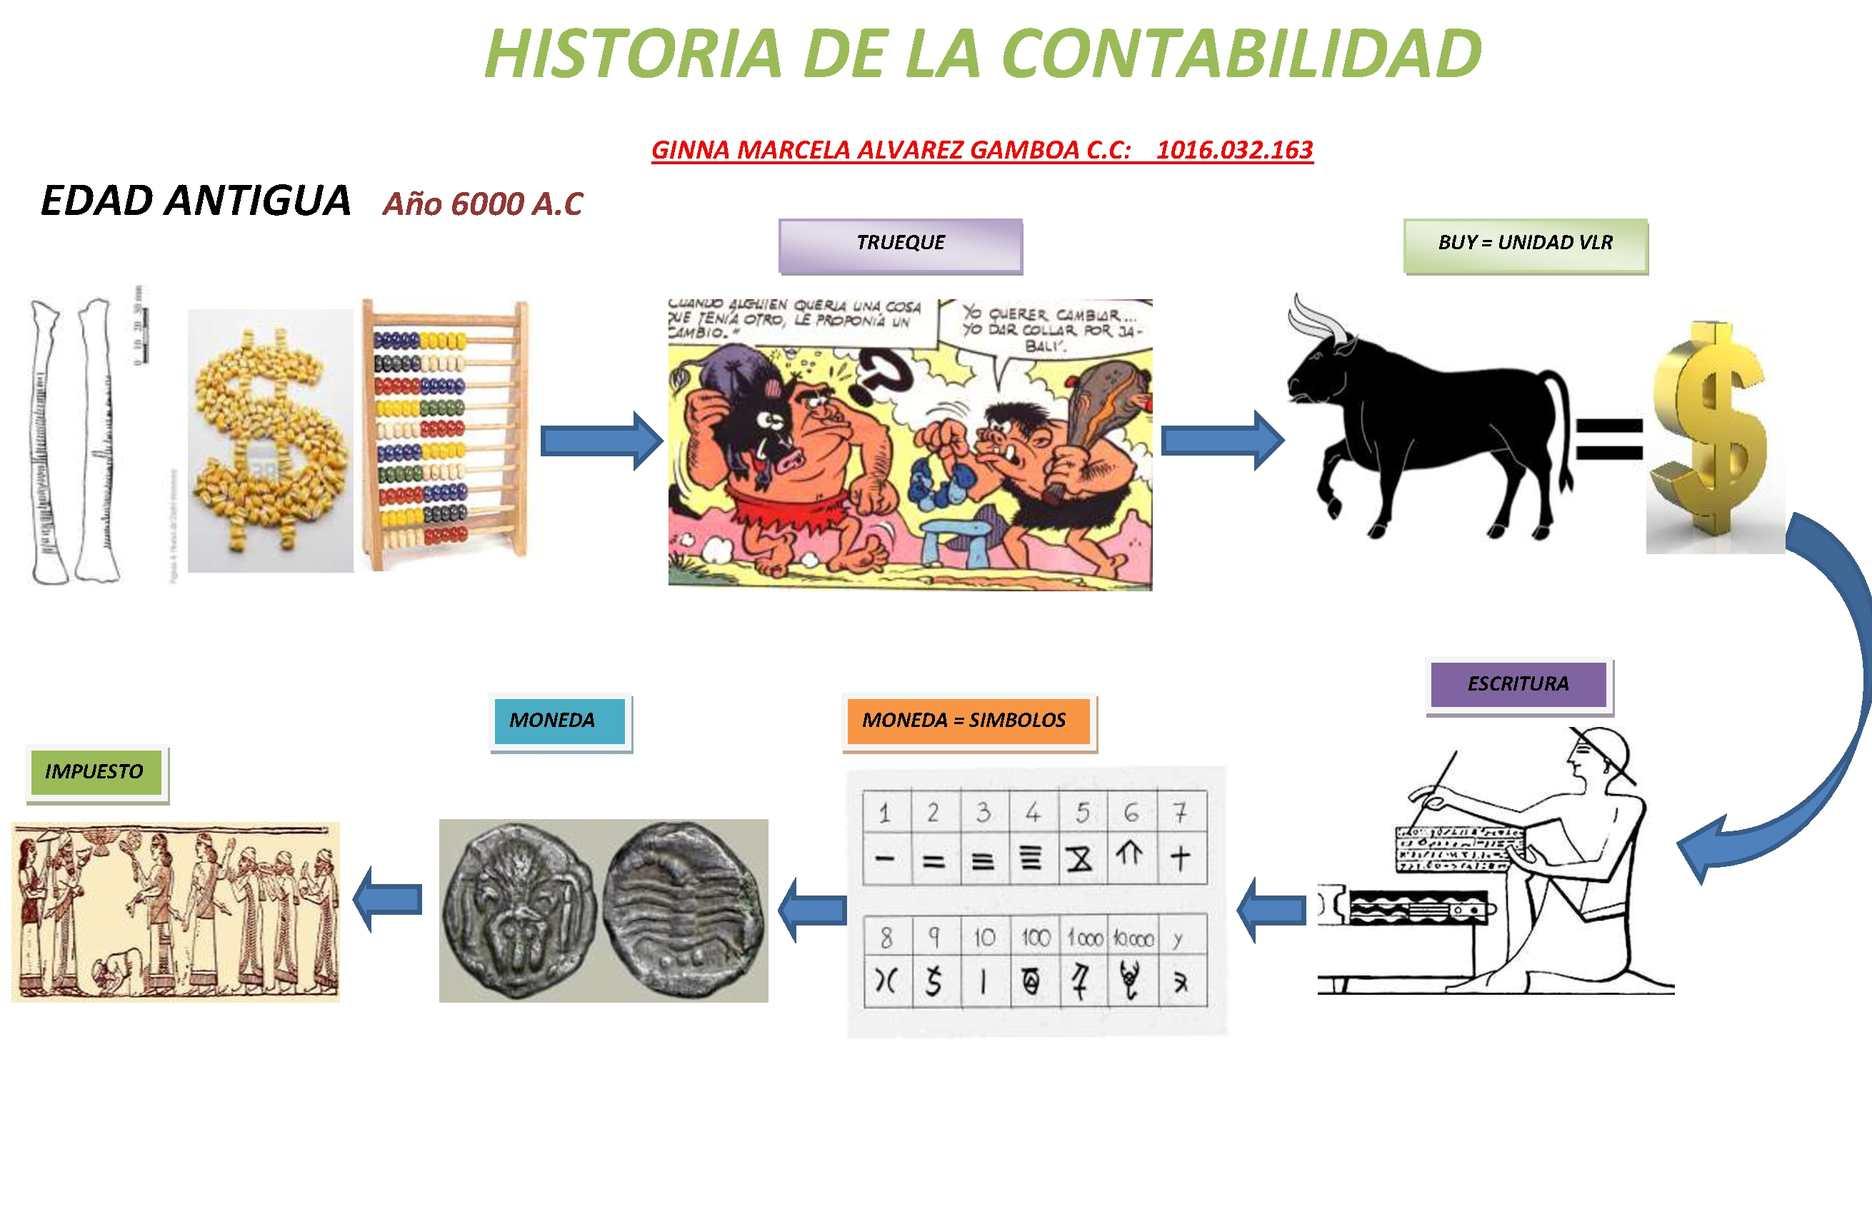 historia de la contabilidad pdf